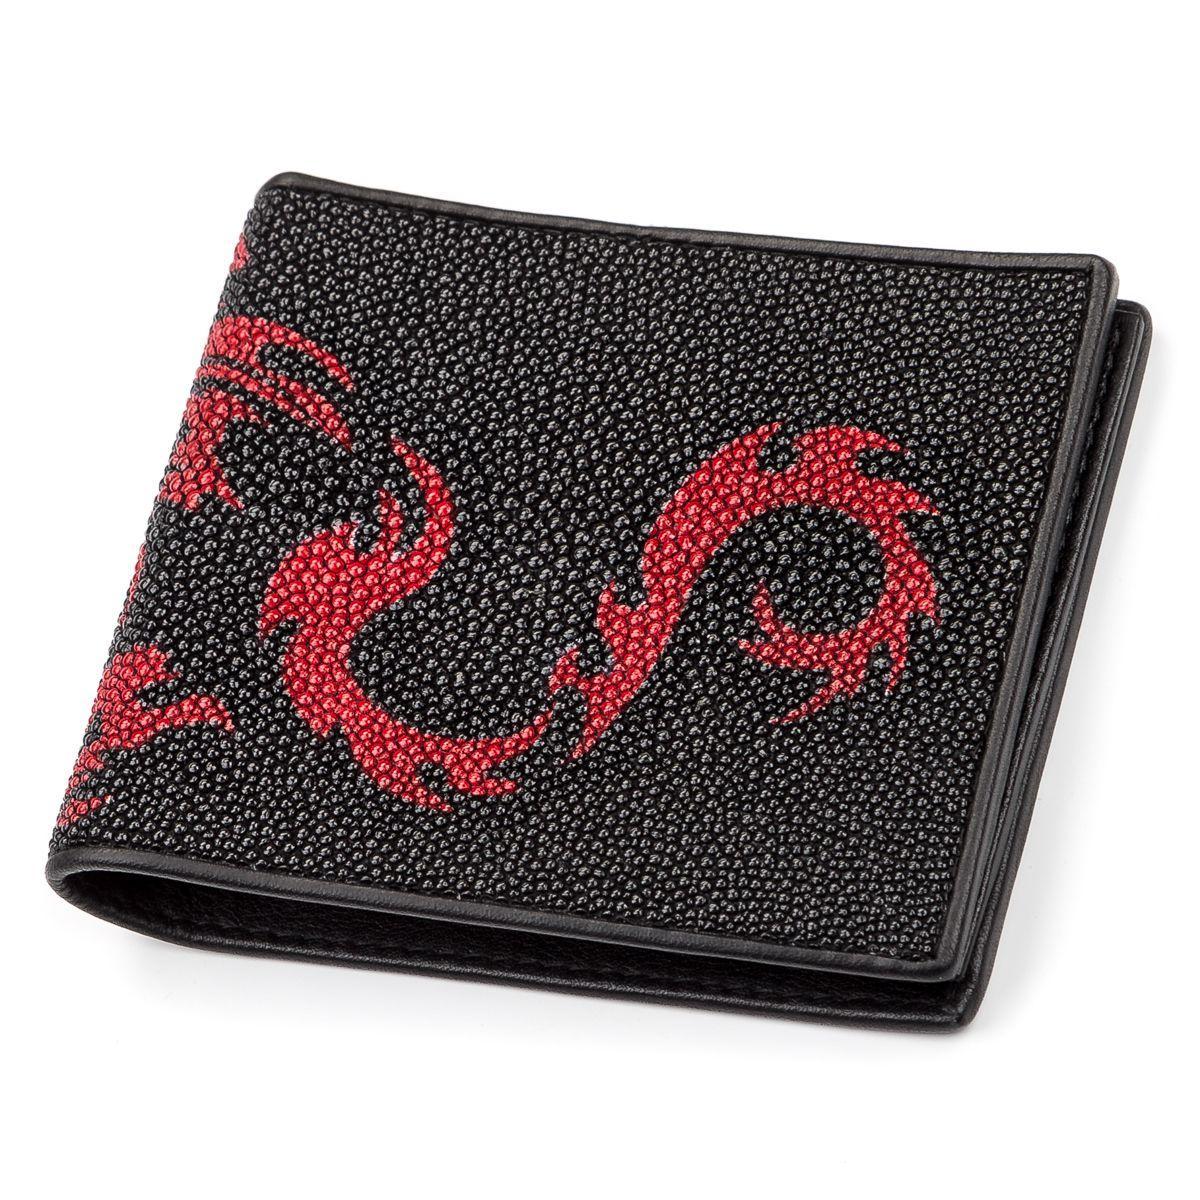 Портмоне мужское Ekzotic leather из натуральной кожи морского ската Черное (stw 49)